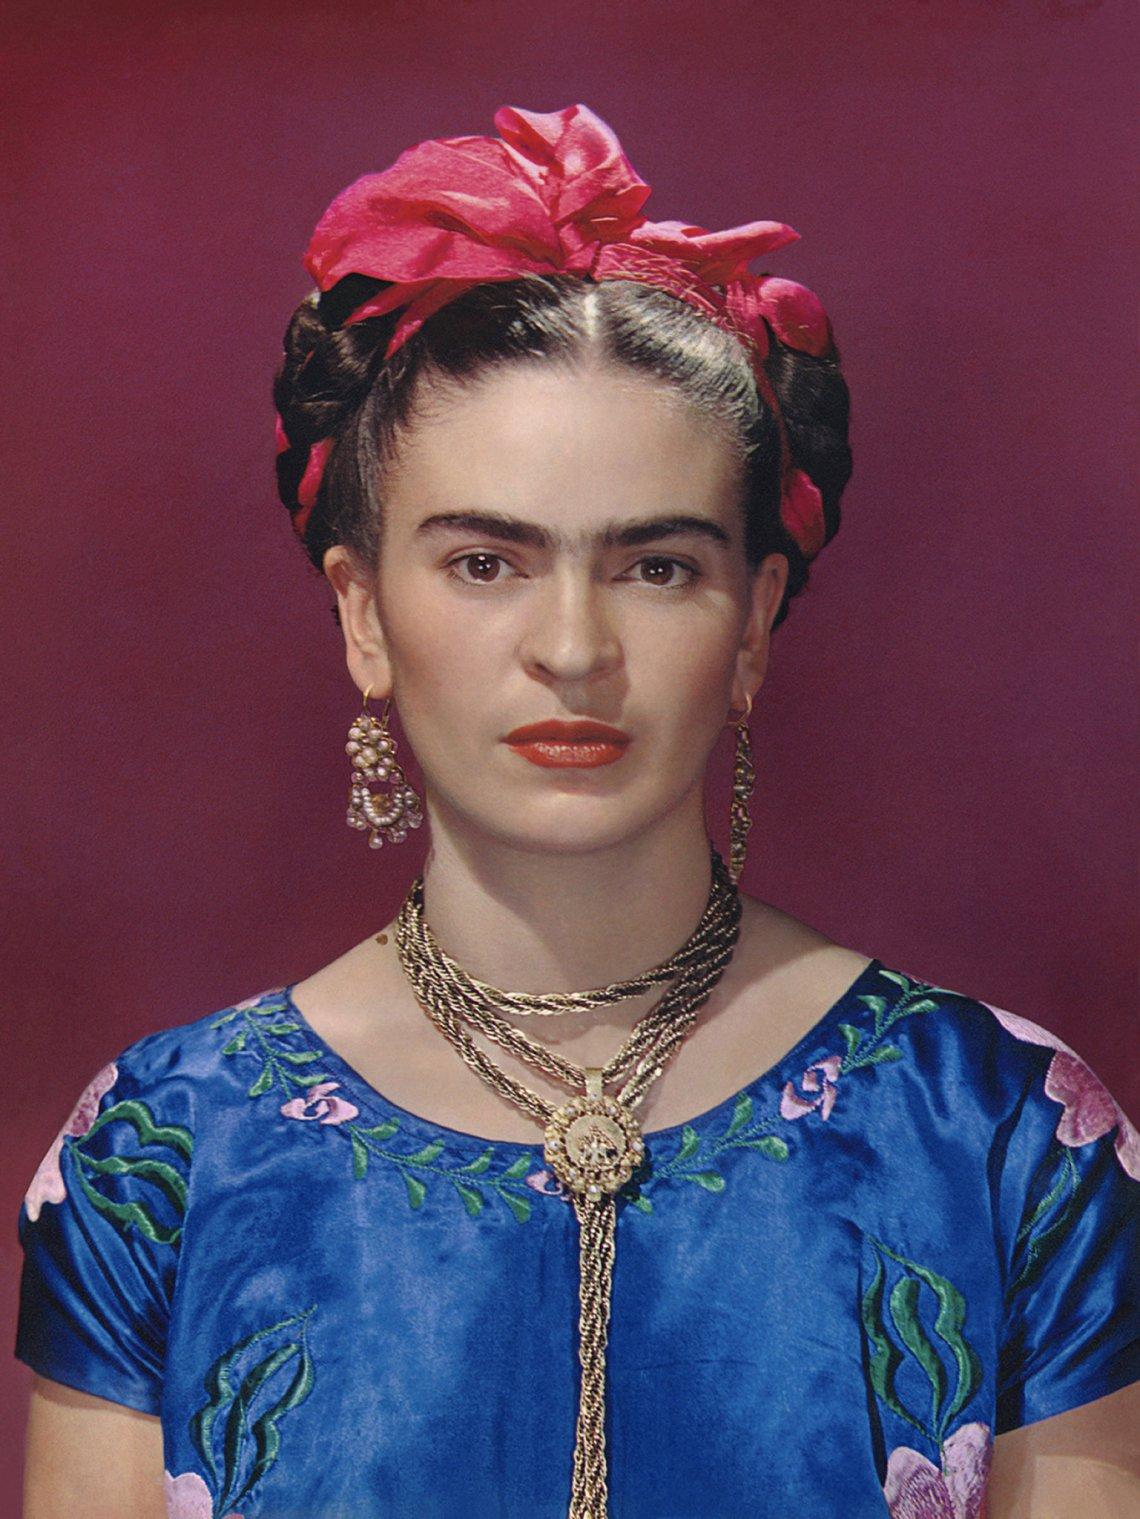 Frida Kahlo in blue satin blouse, 1939.